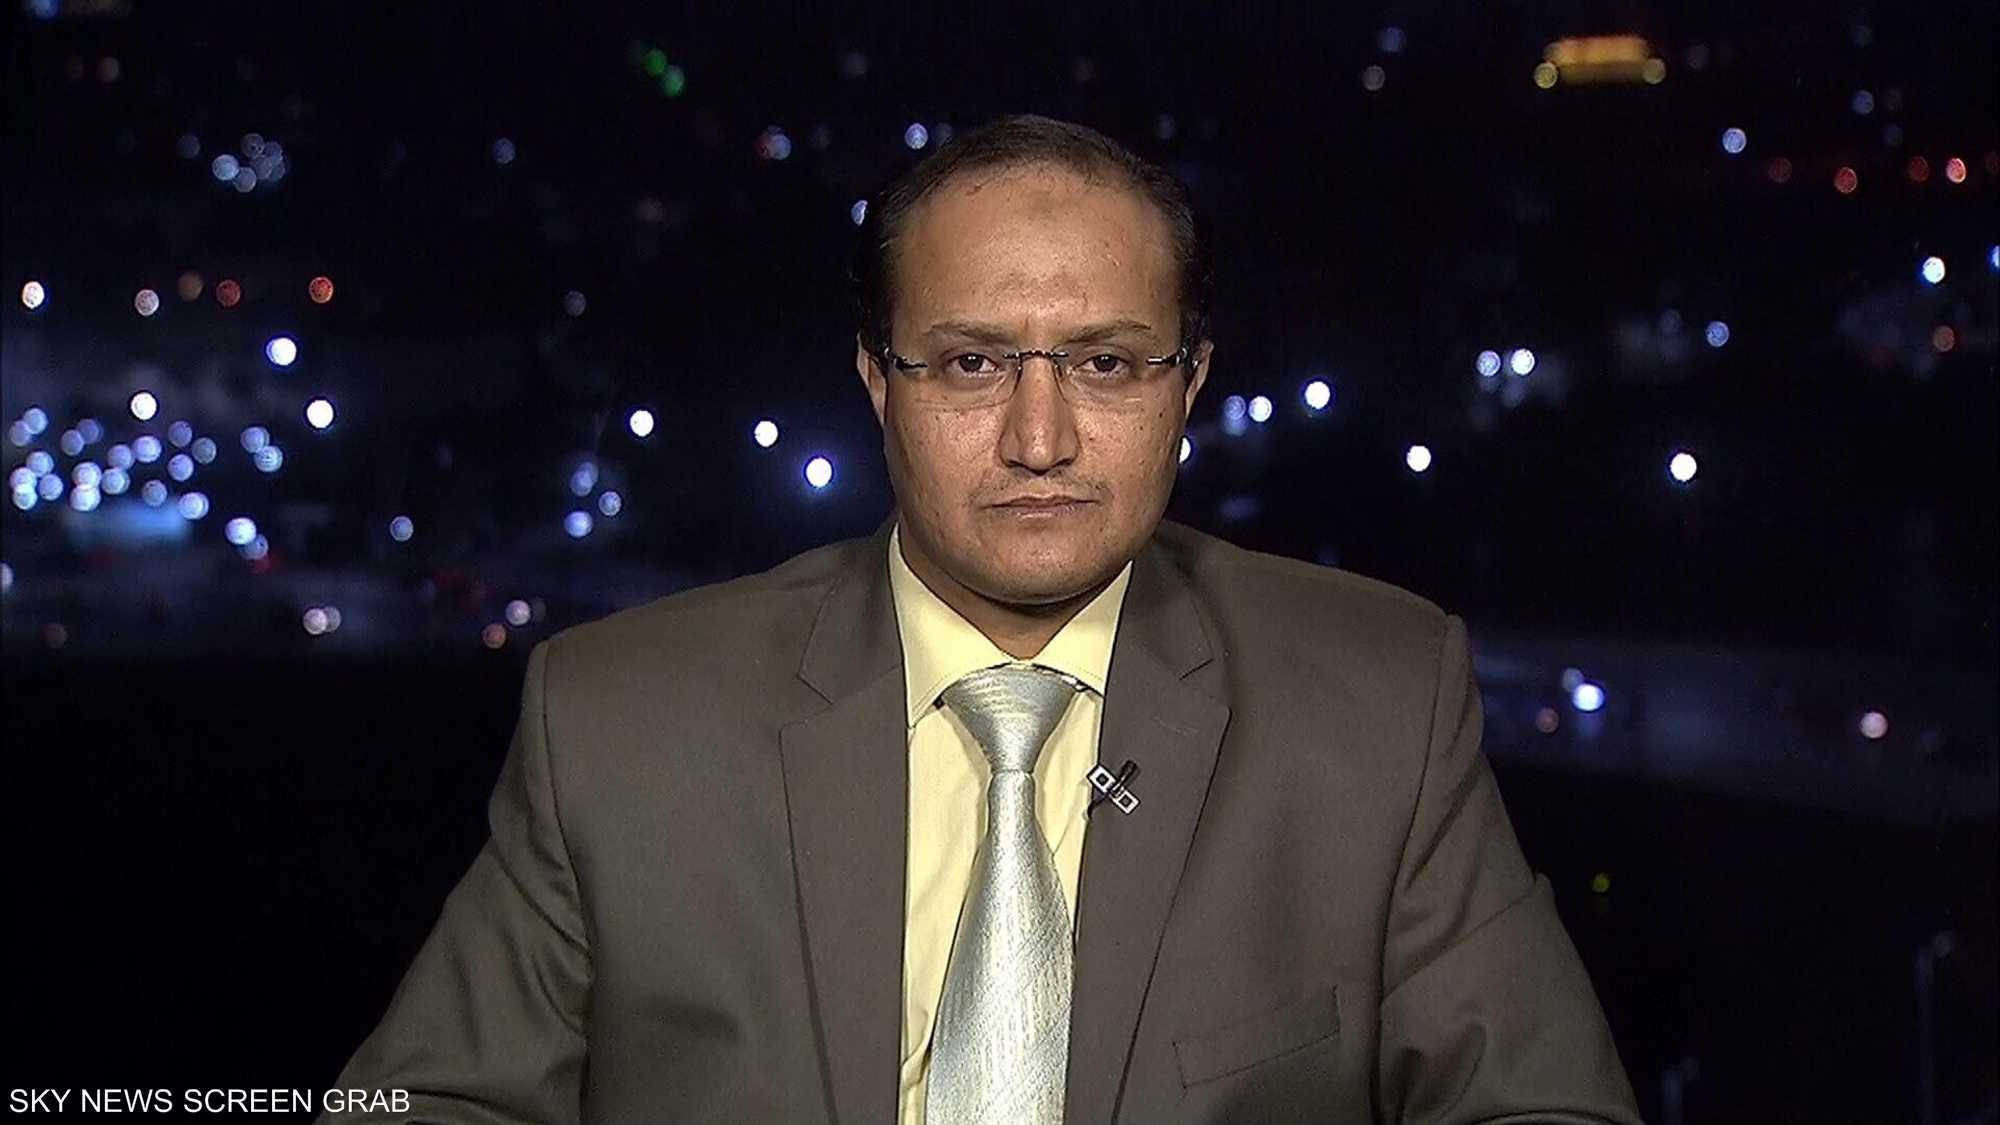 الخروقات الحوثية تهدد بانتشار فيروس كورونا في اليمن